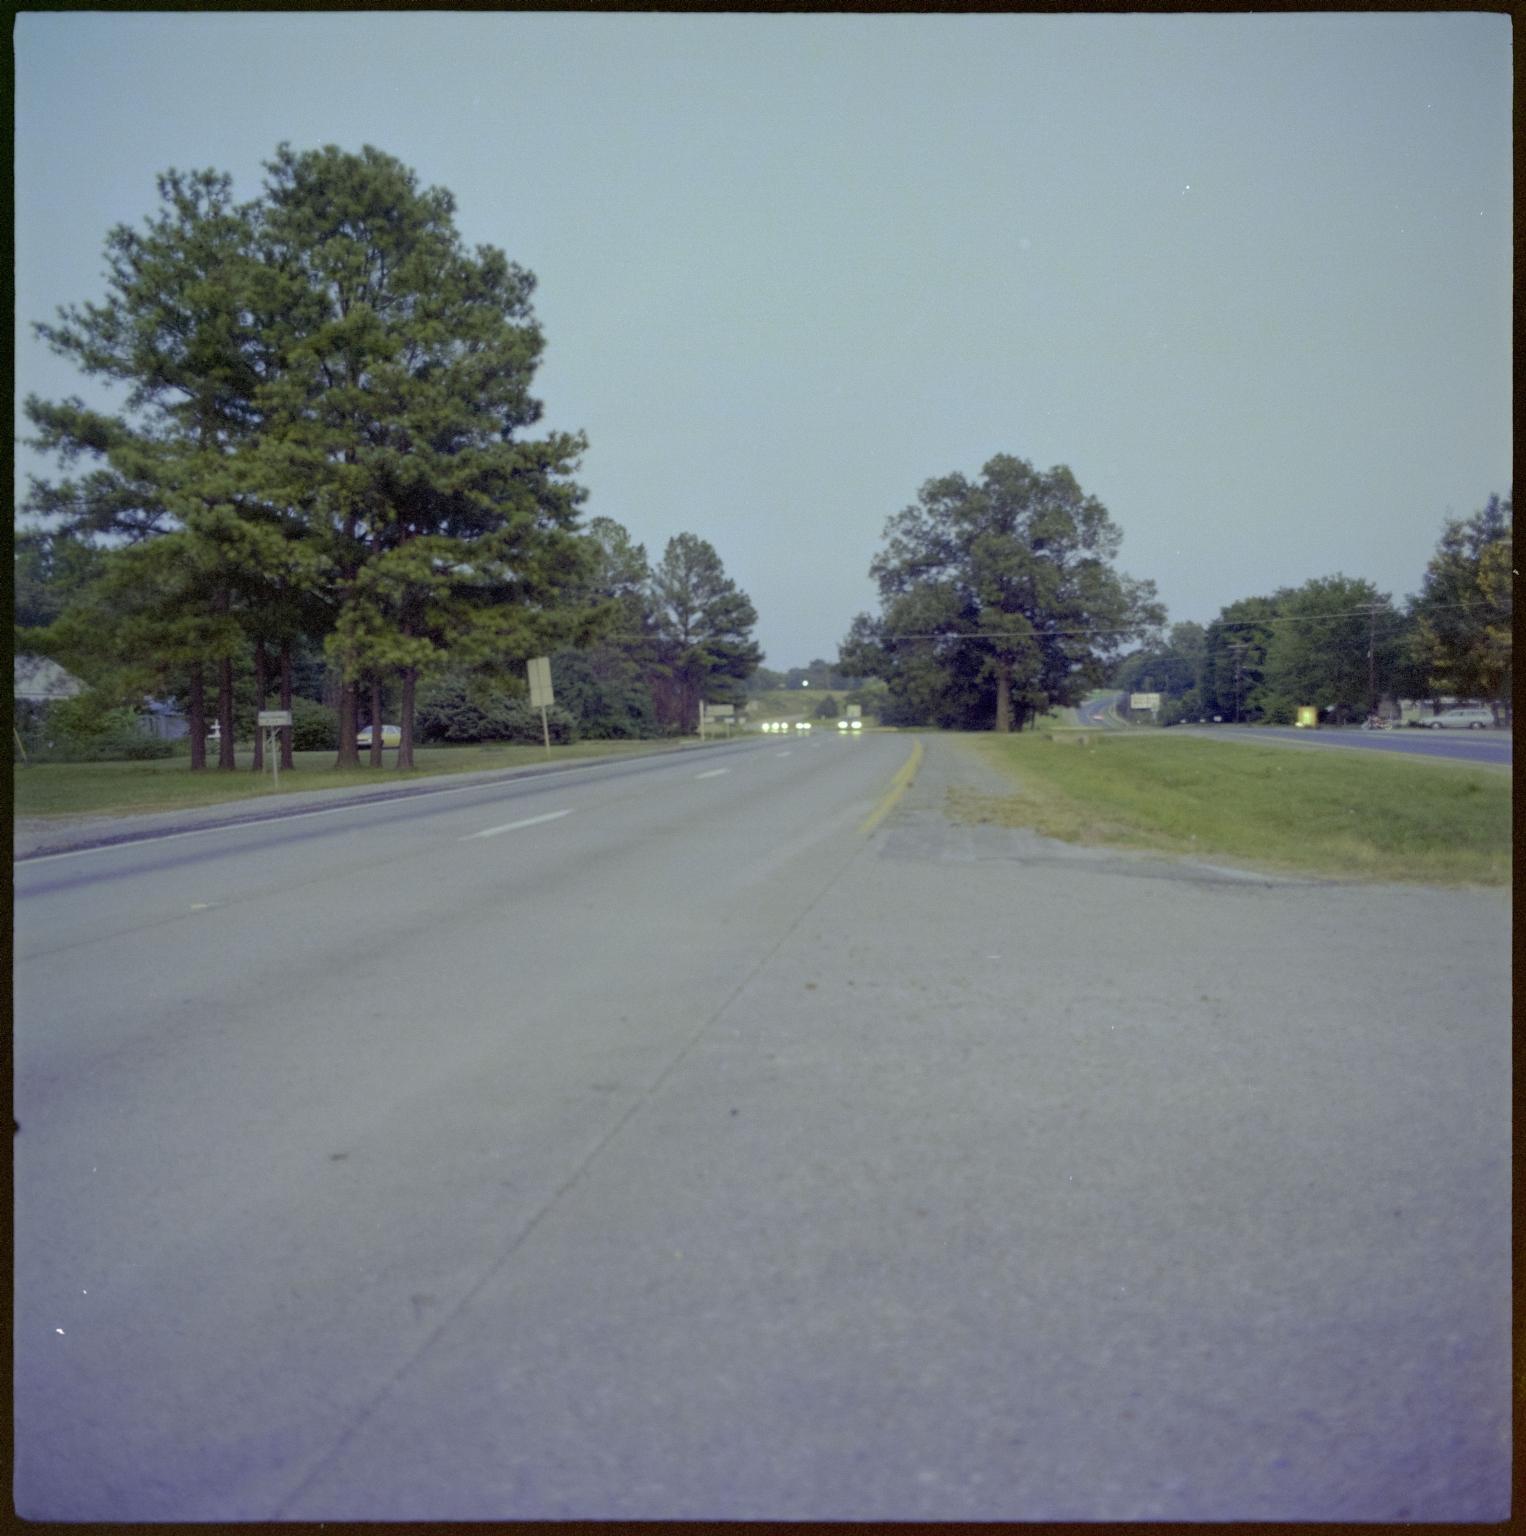 Clark's River Road